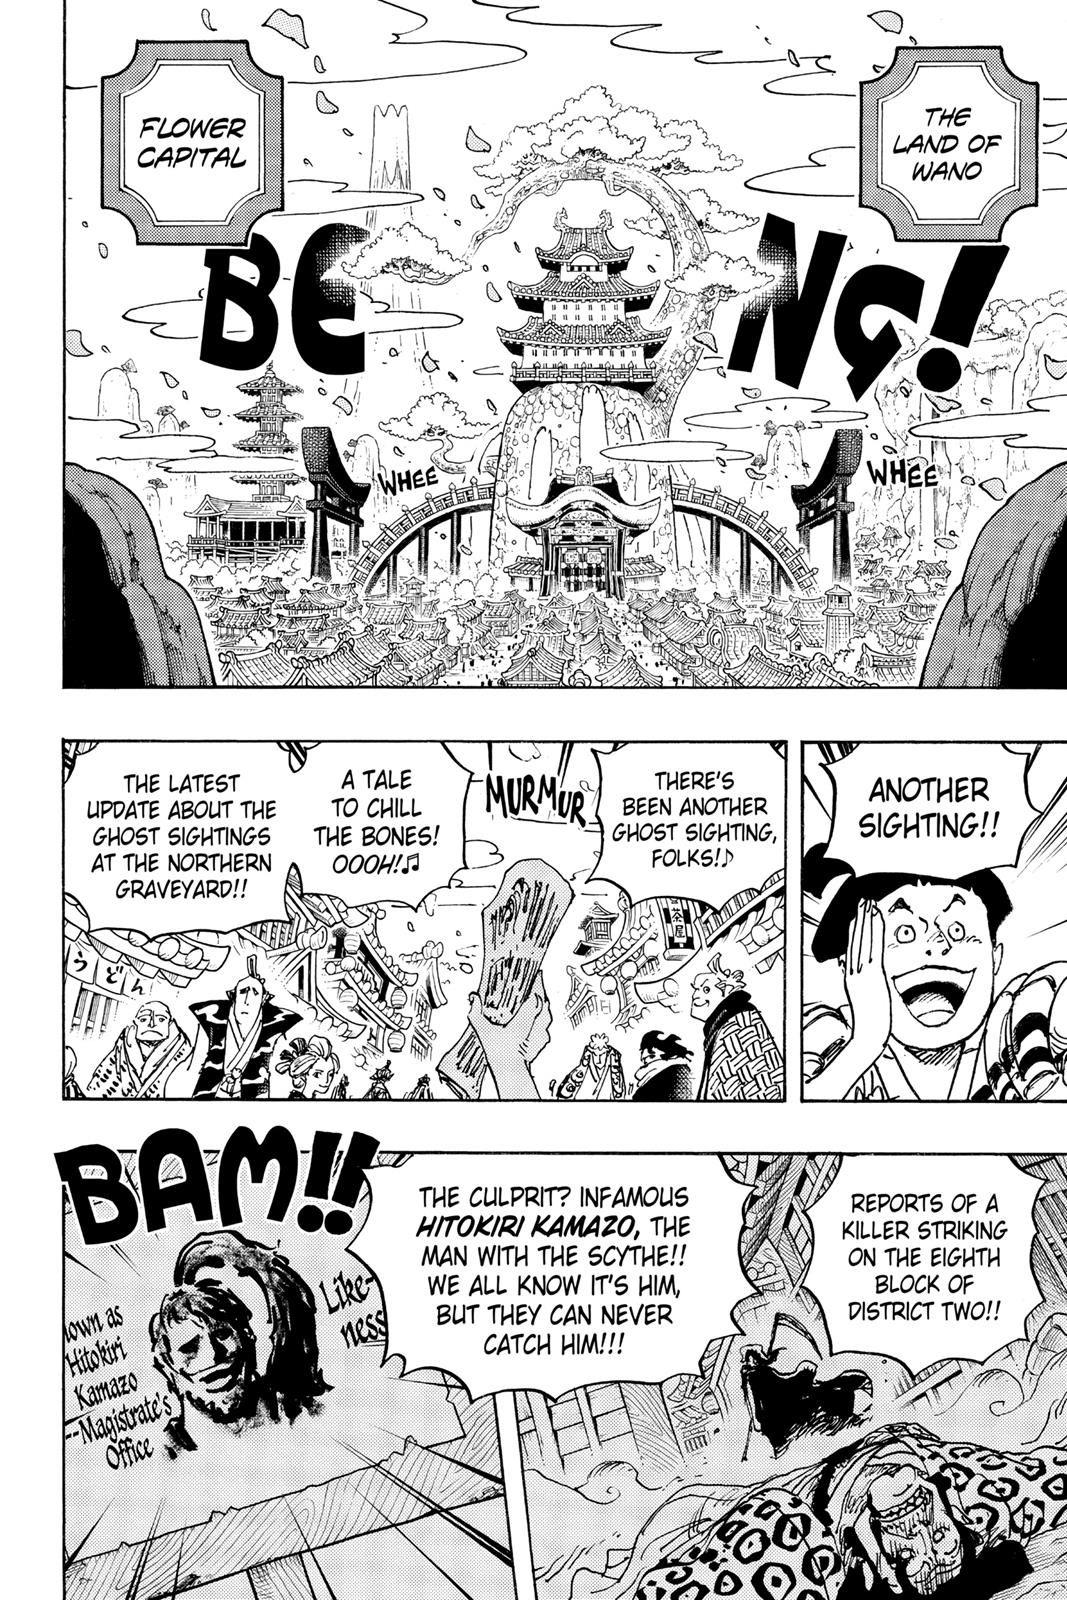 One Piece Chapter 926 One Piece Chapter Read One Piece Manga Chapter